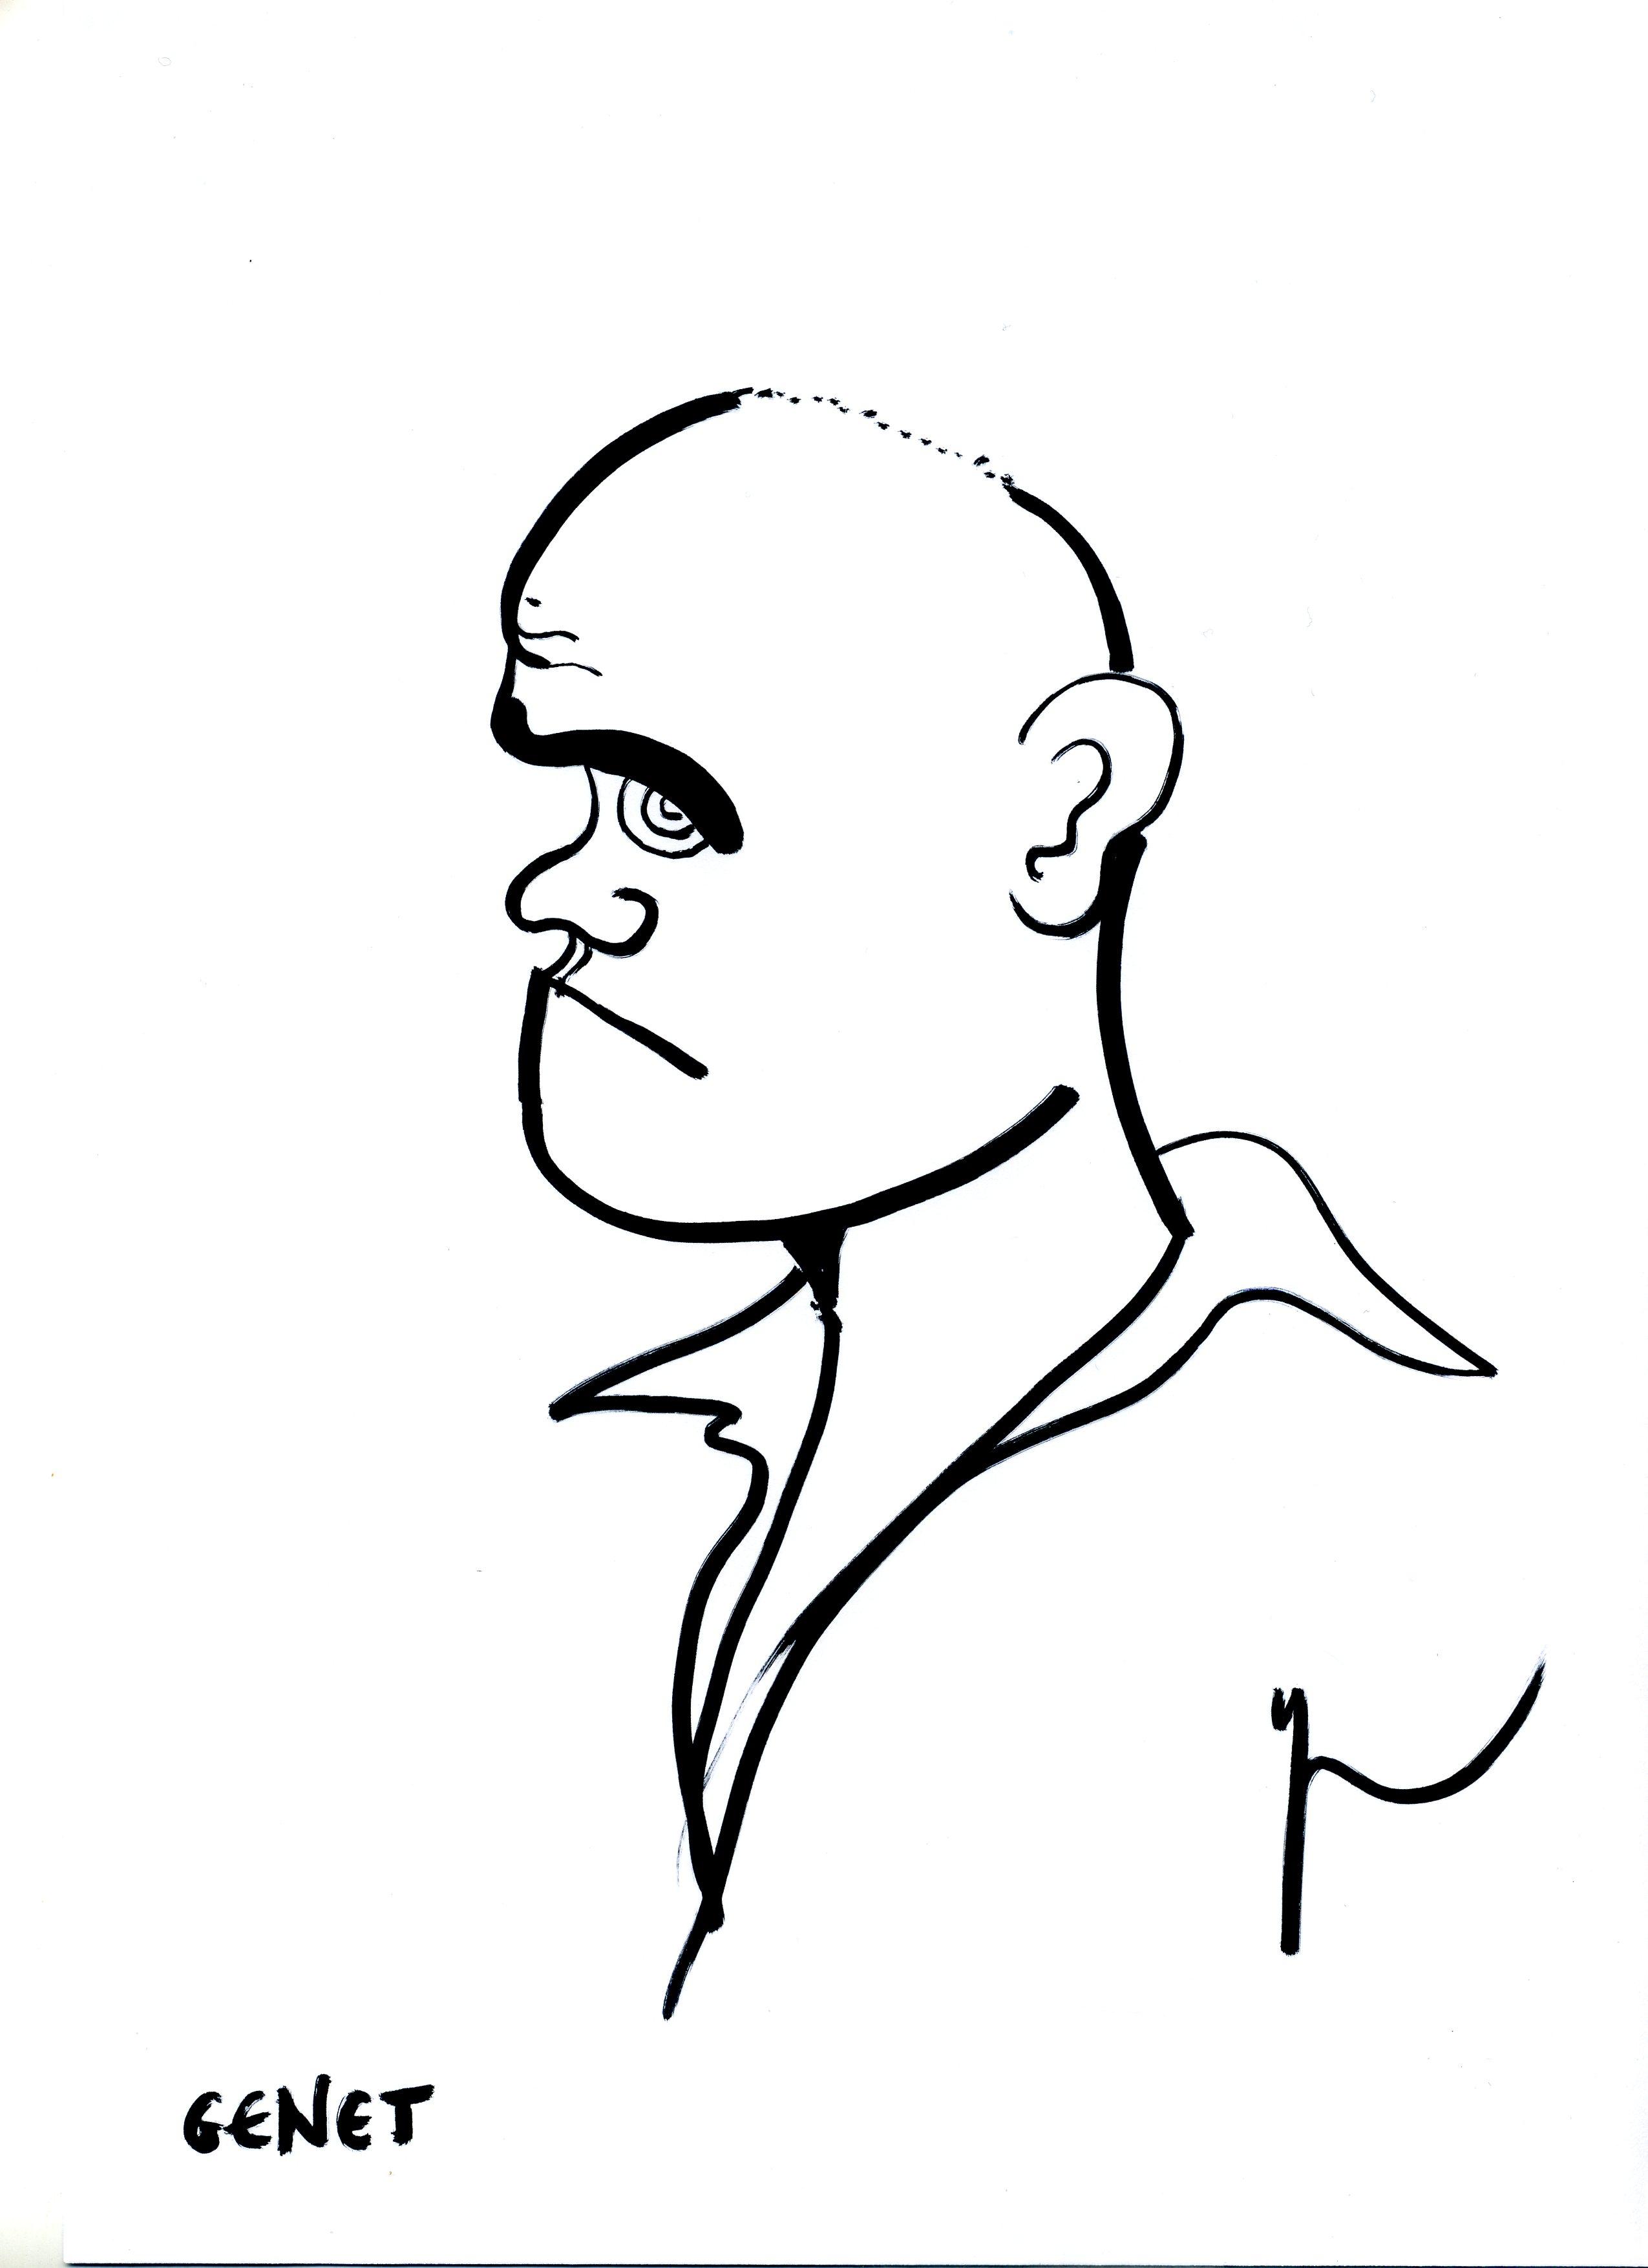 Portrait de Jean Genet dessiné par Yann Moix